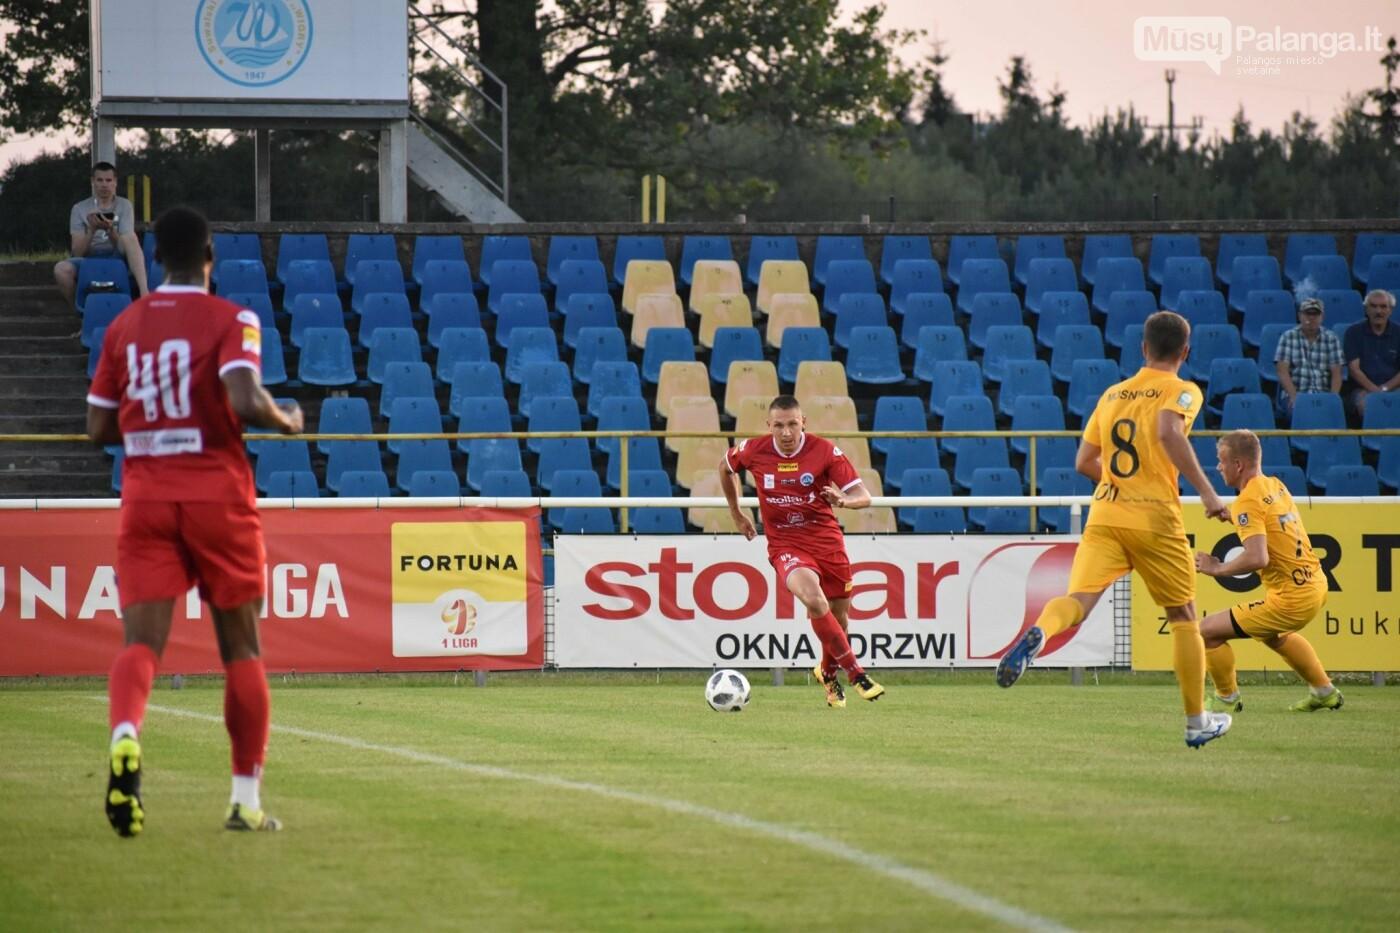 Kontrolinėse rungtynėse Lenkijoje – būrys peržiūroje dalyvaujančių futbolininkų bei naujas treneris, nuotrauka-28